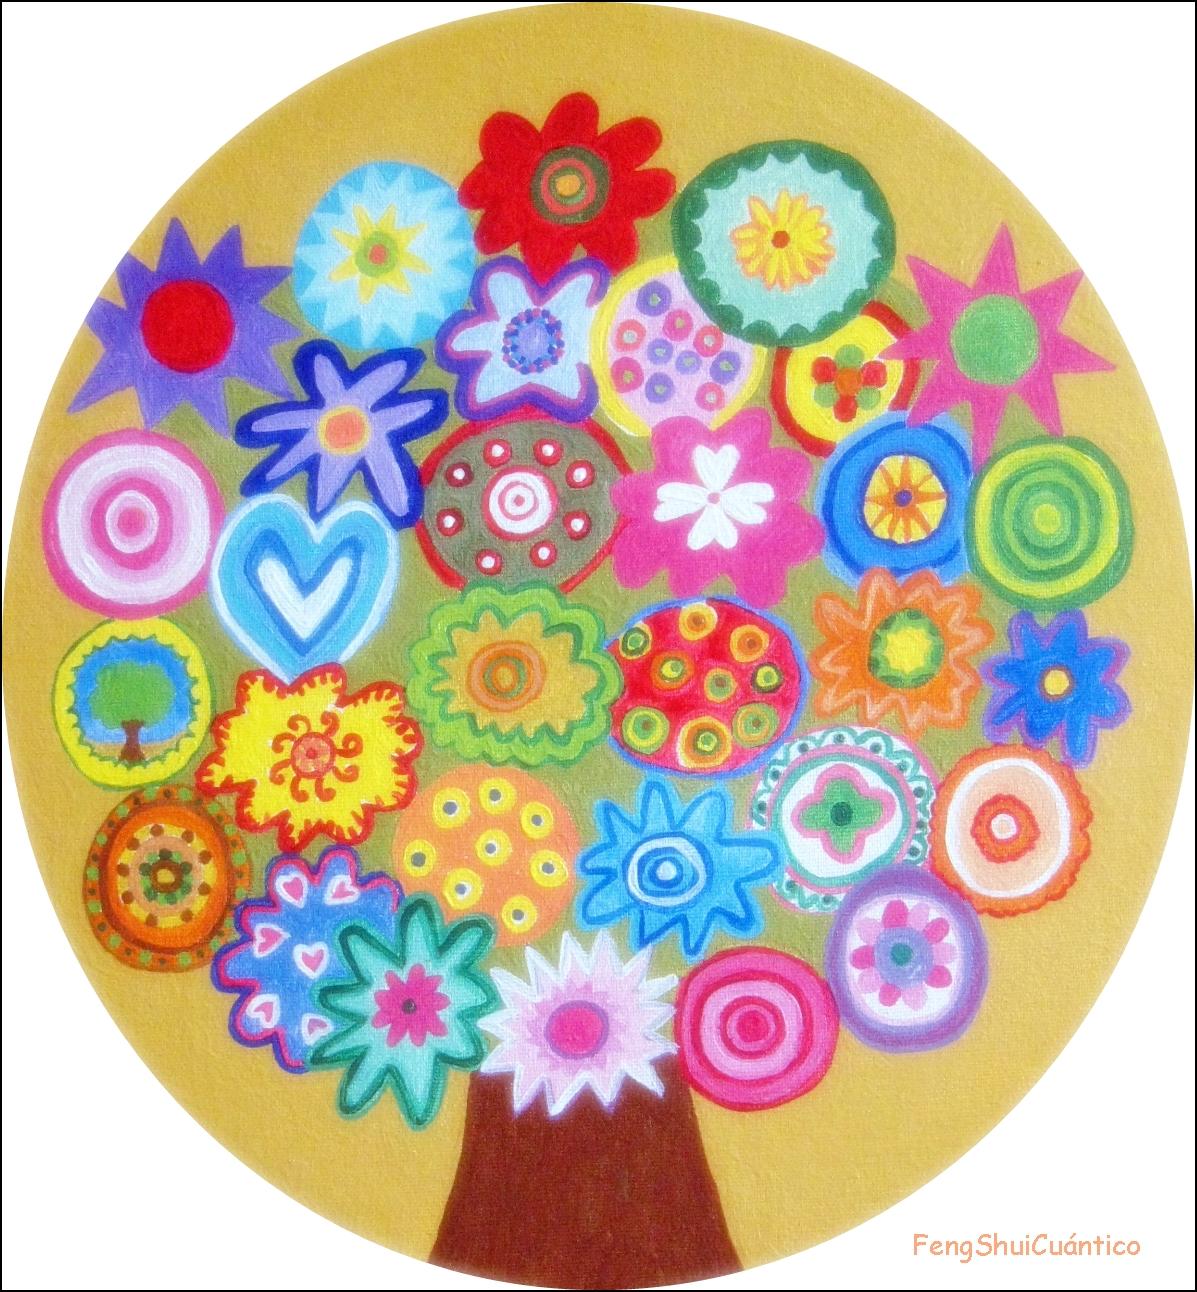 Imagenes De Mandala De Prosperidad | apexwallpapers.com